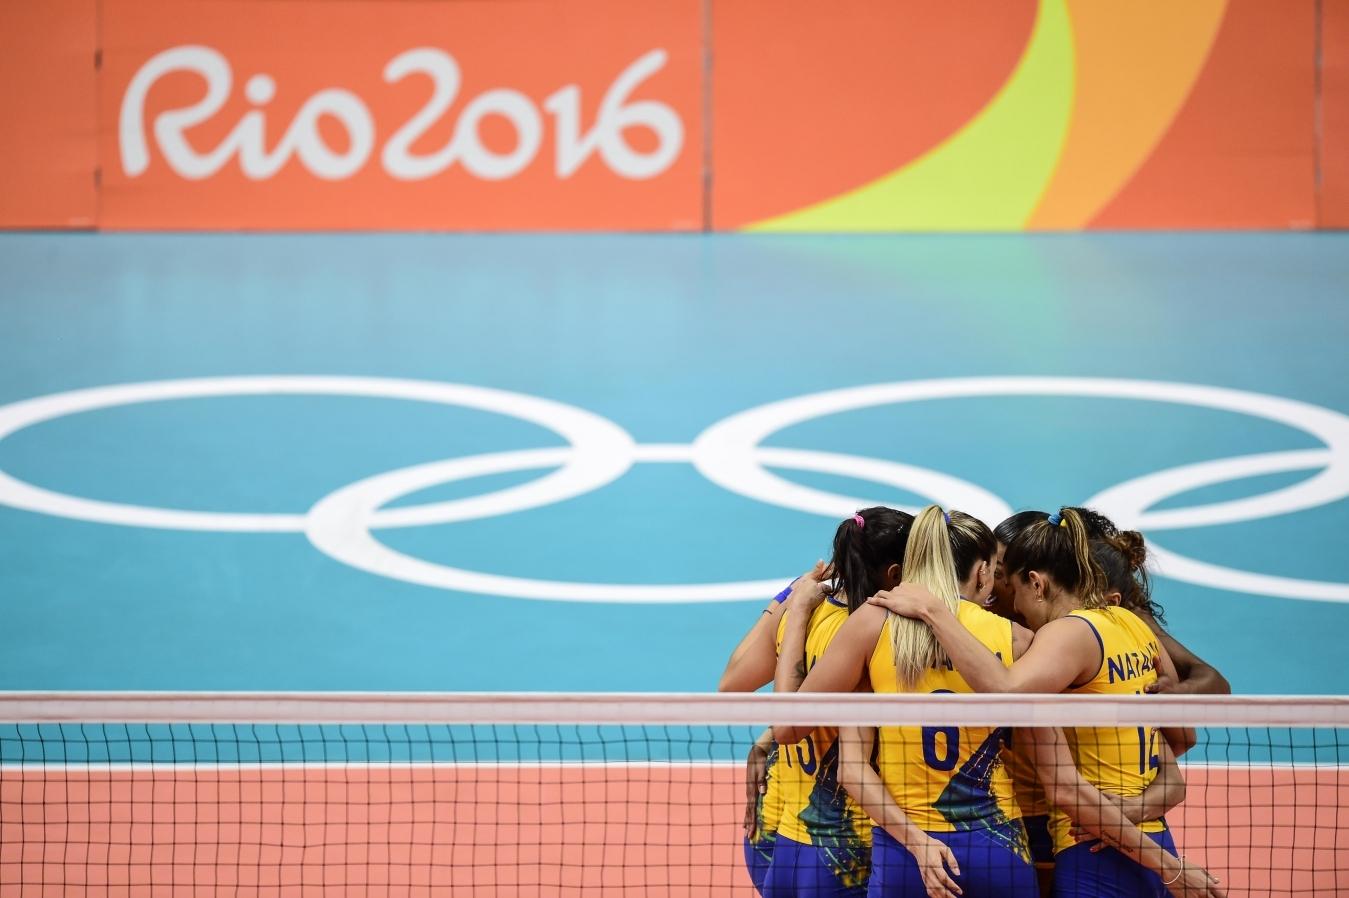 Na reabertura do tradicional ginásio, Brasil disputa último amistoso contra os Estados Unidos